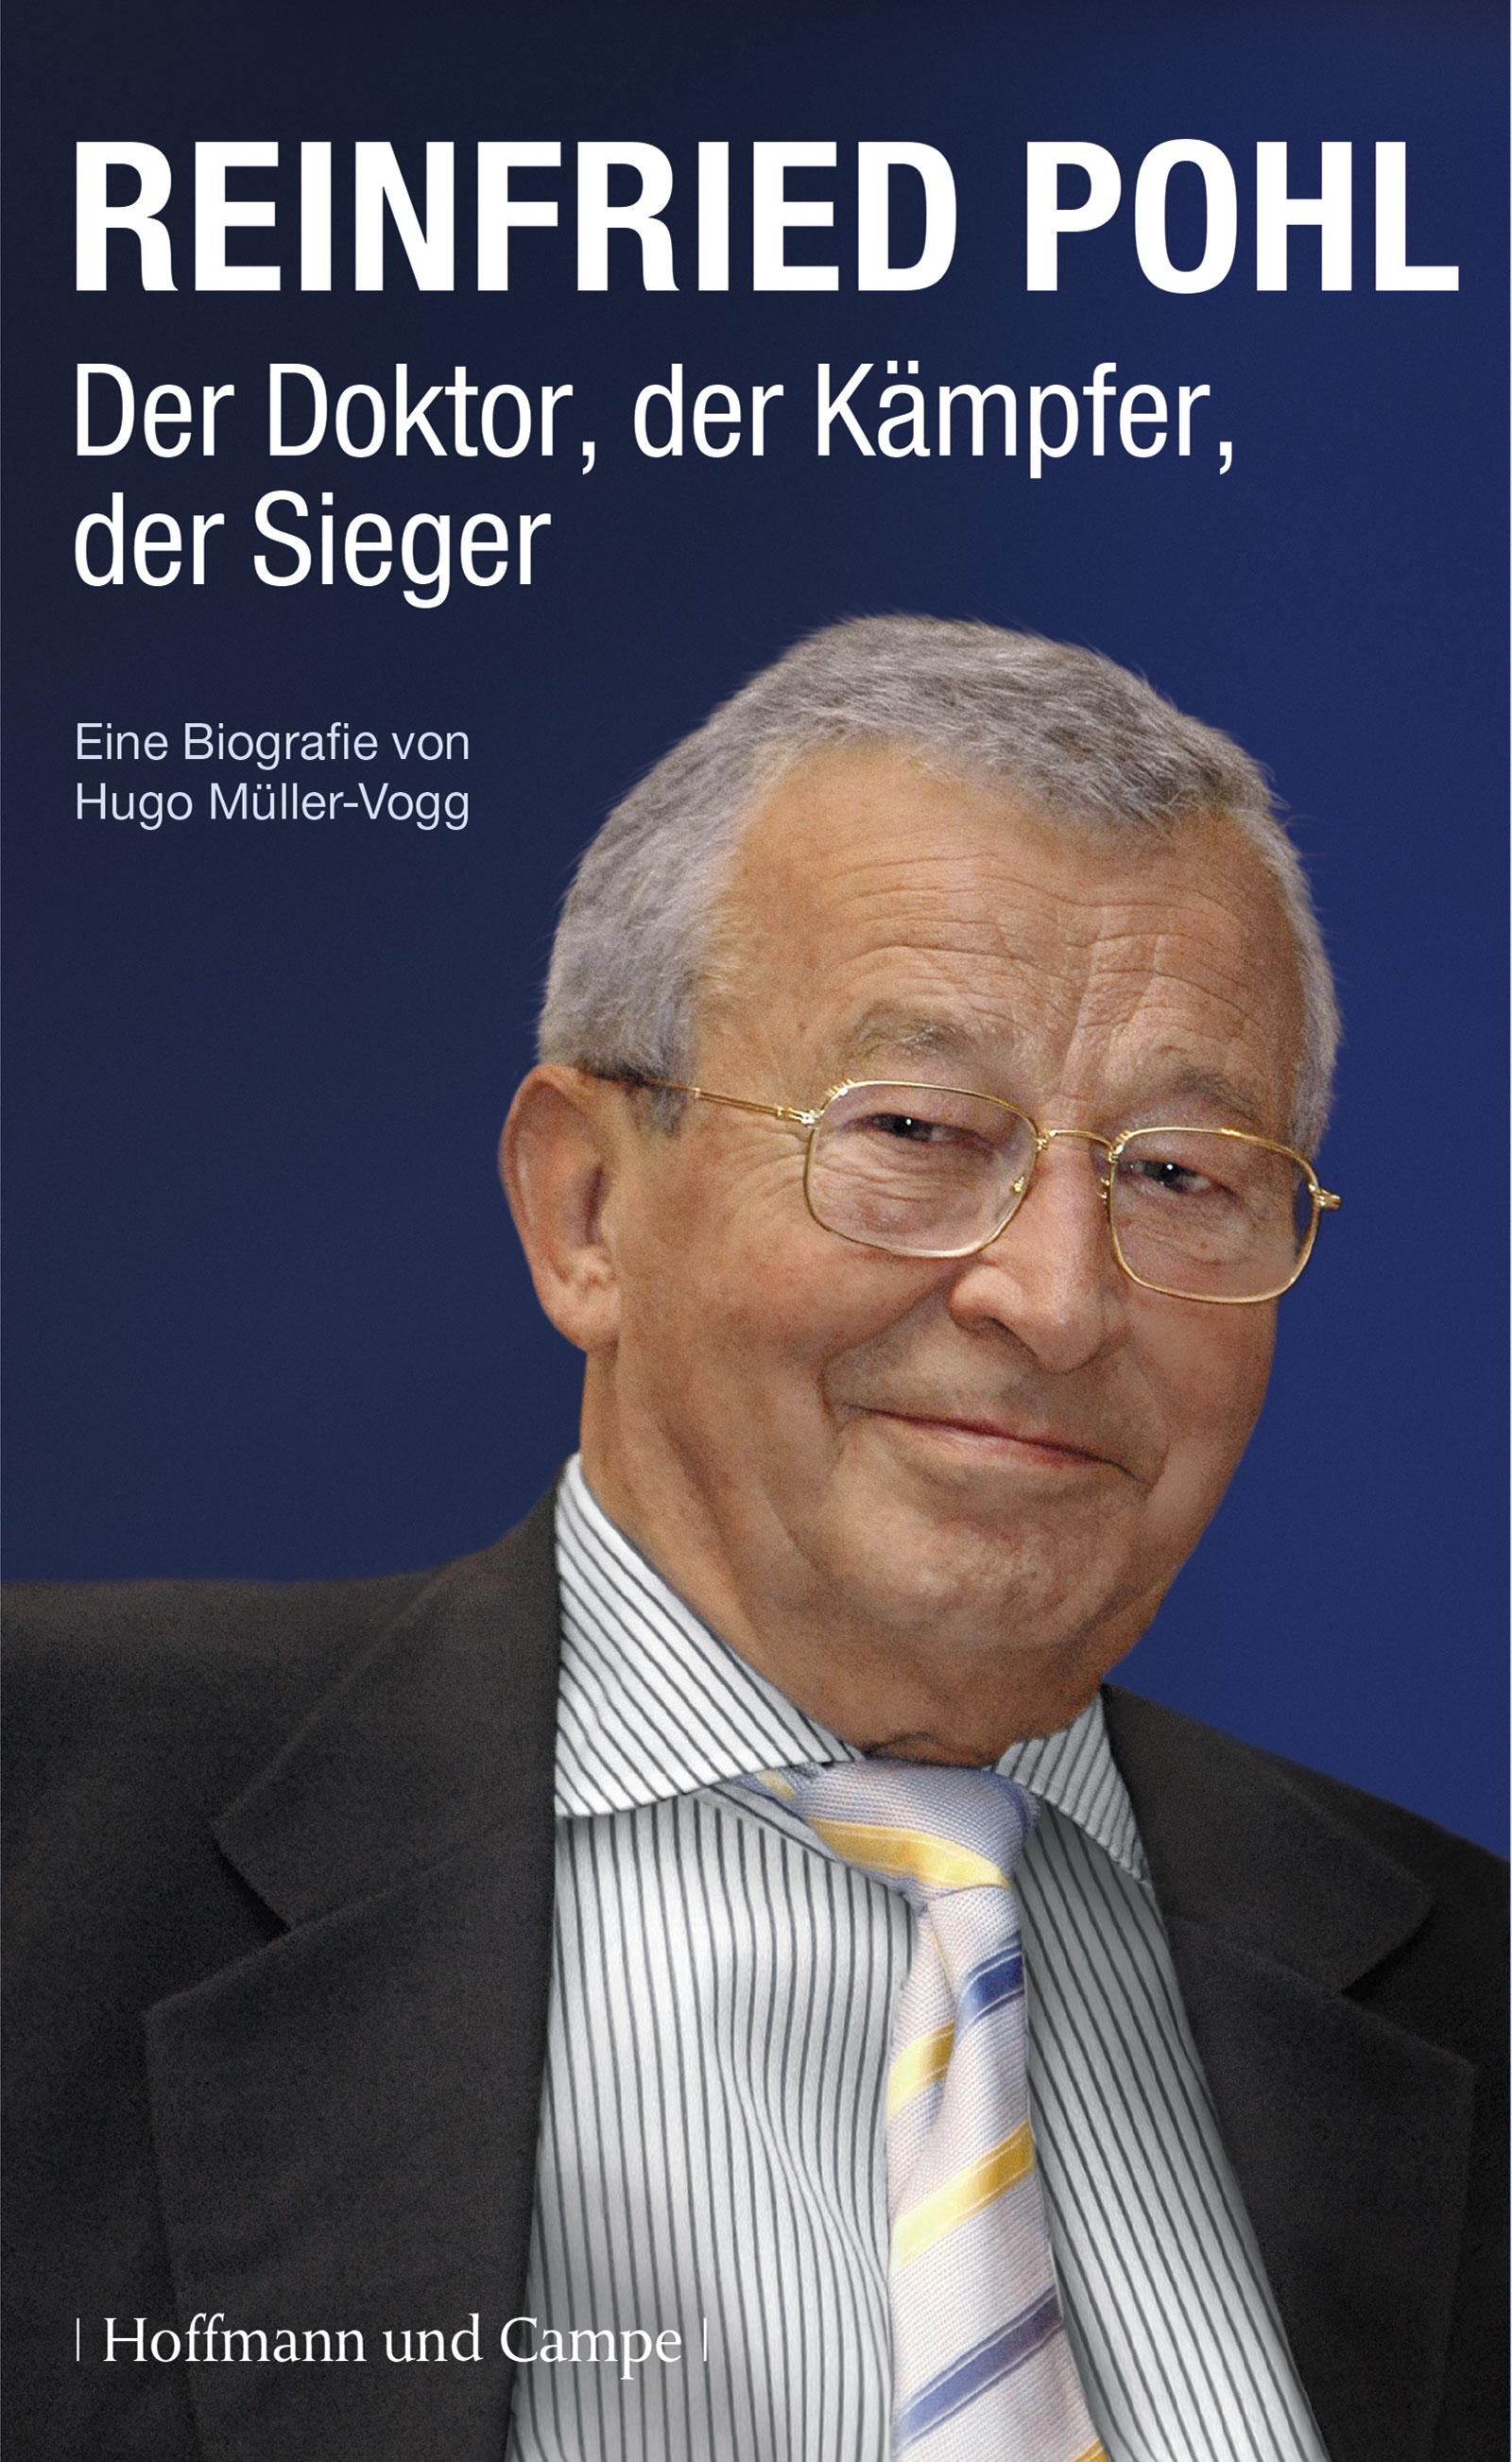 Reinfried Pohl: Der Doktor, der Kämpfer, der Sieger - Hugo Müller-Vogg